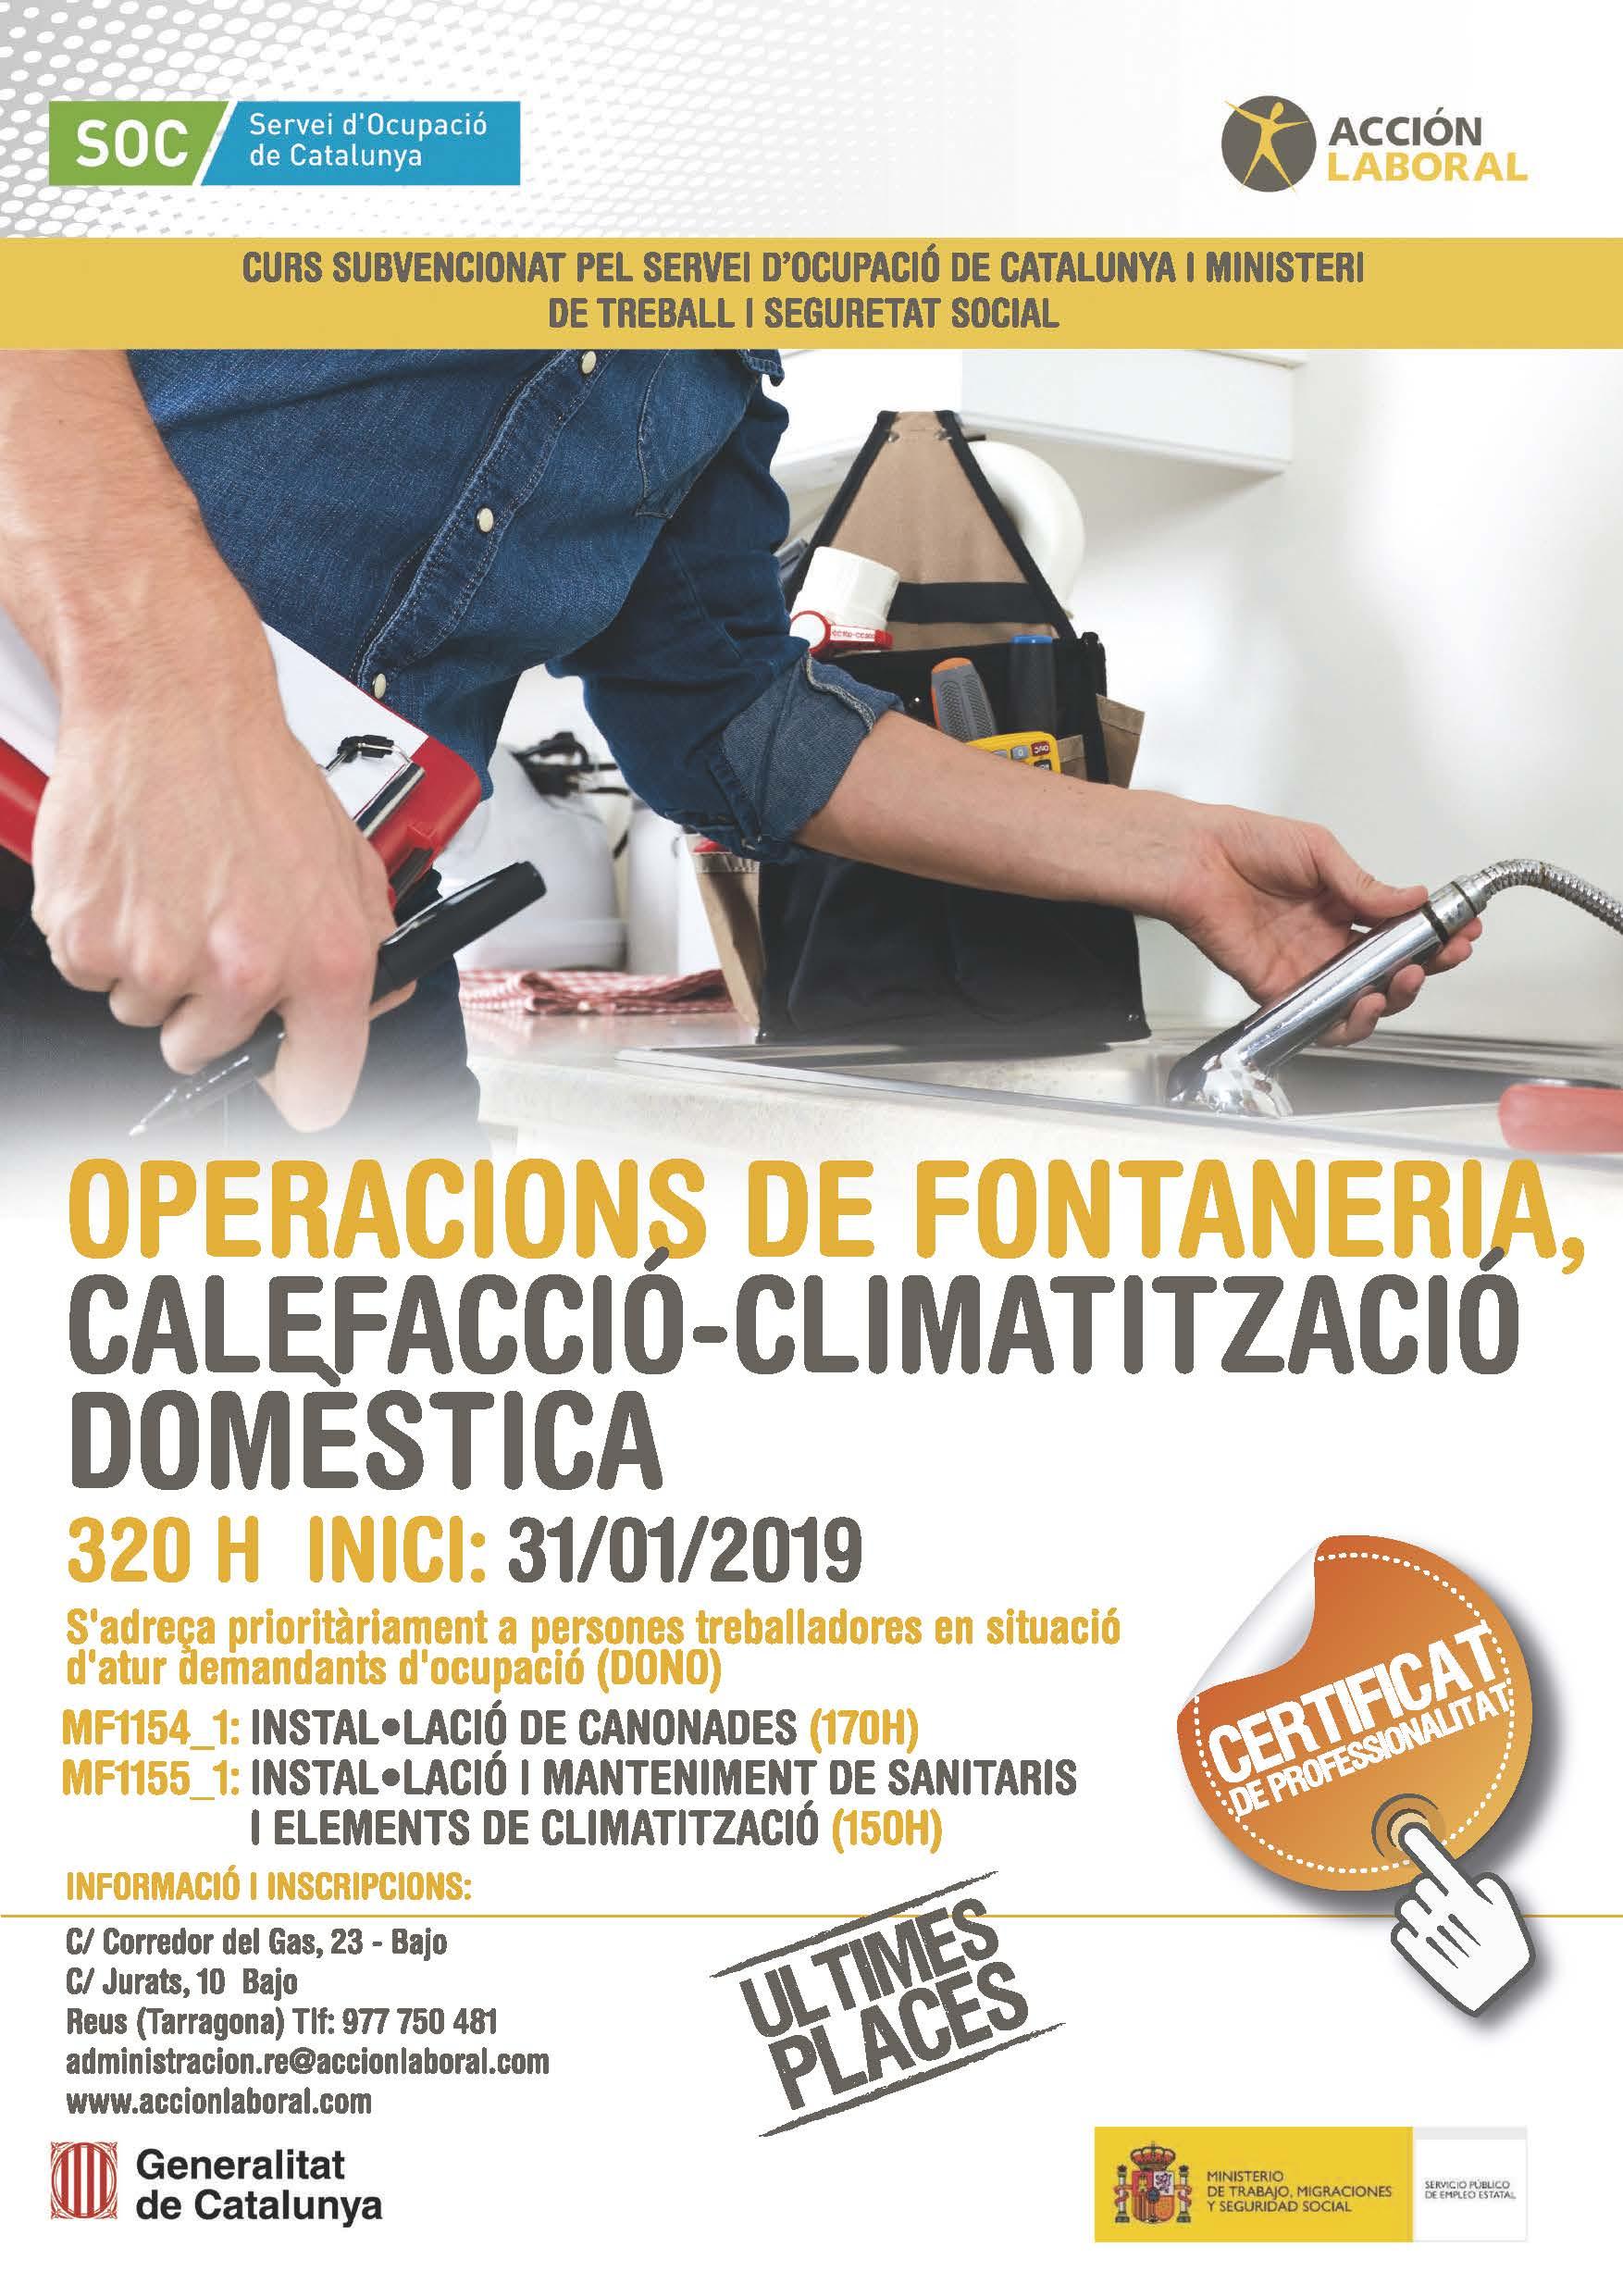 FONTANERÍA Y CALEFACCIÓN-CLIMATIZACIÓN